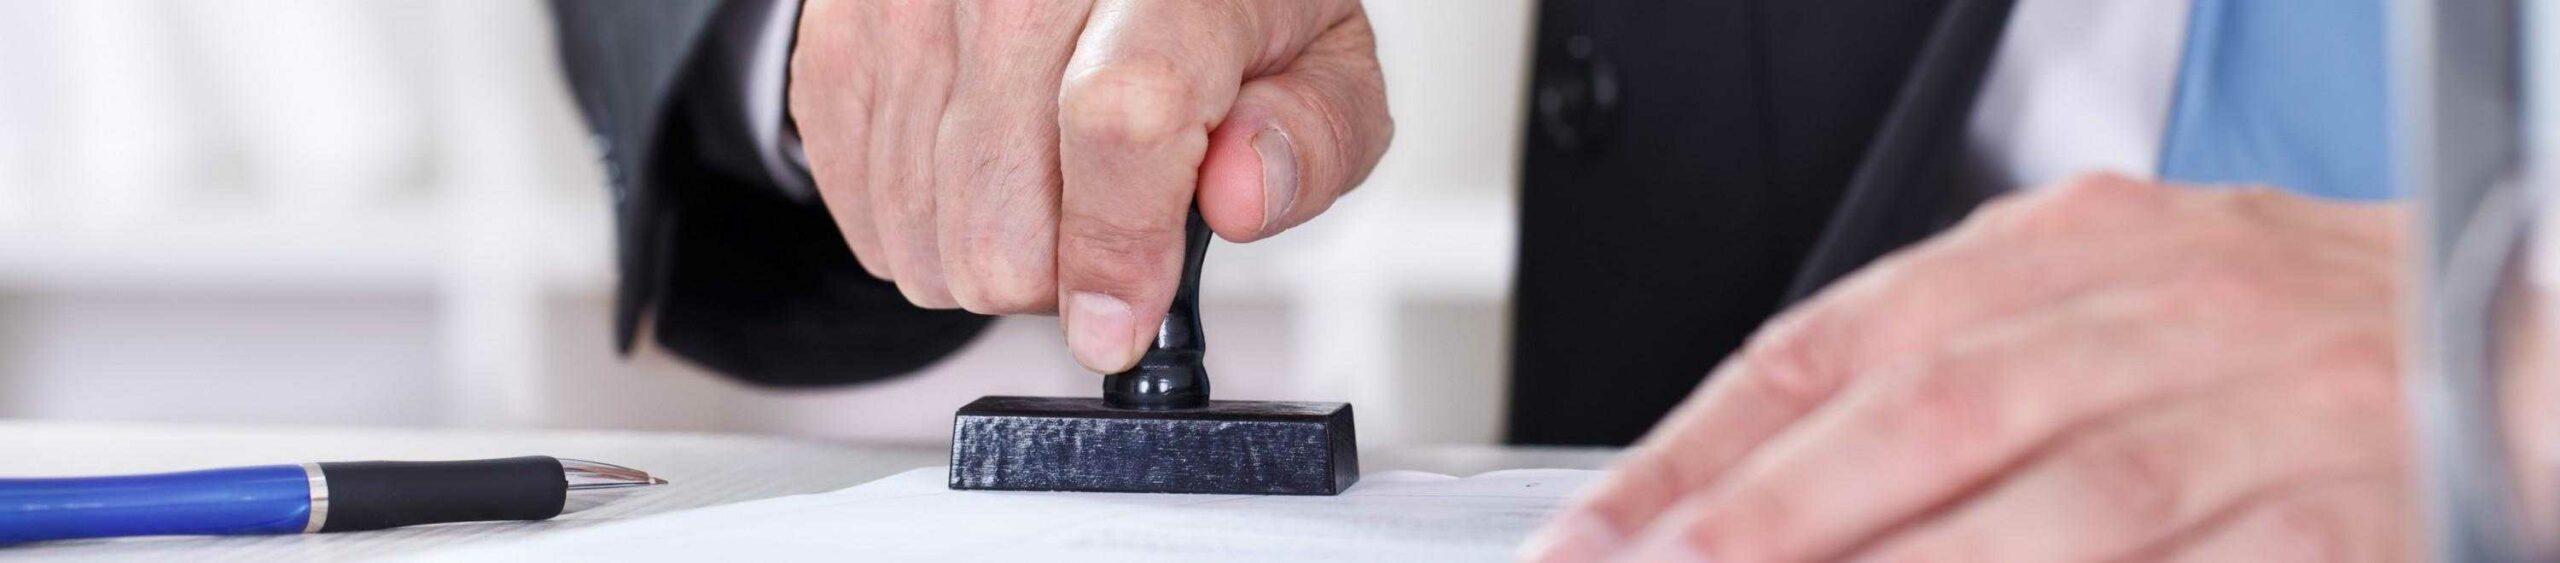 Верховный Суд подсказал, как нельзя снижать налоги с помощью дробления бизнеса